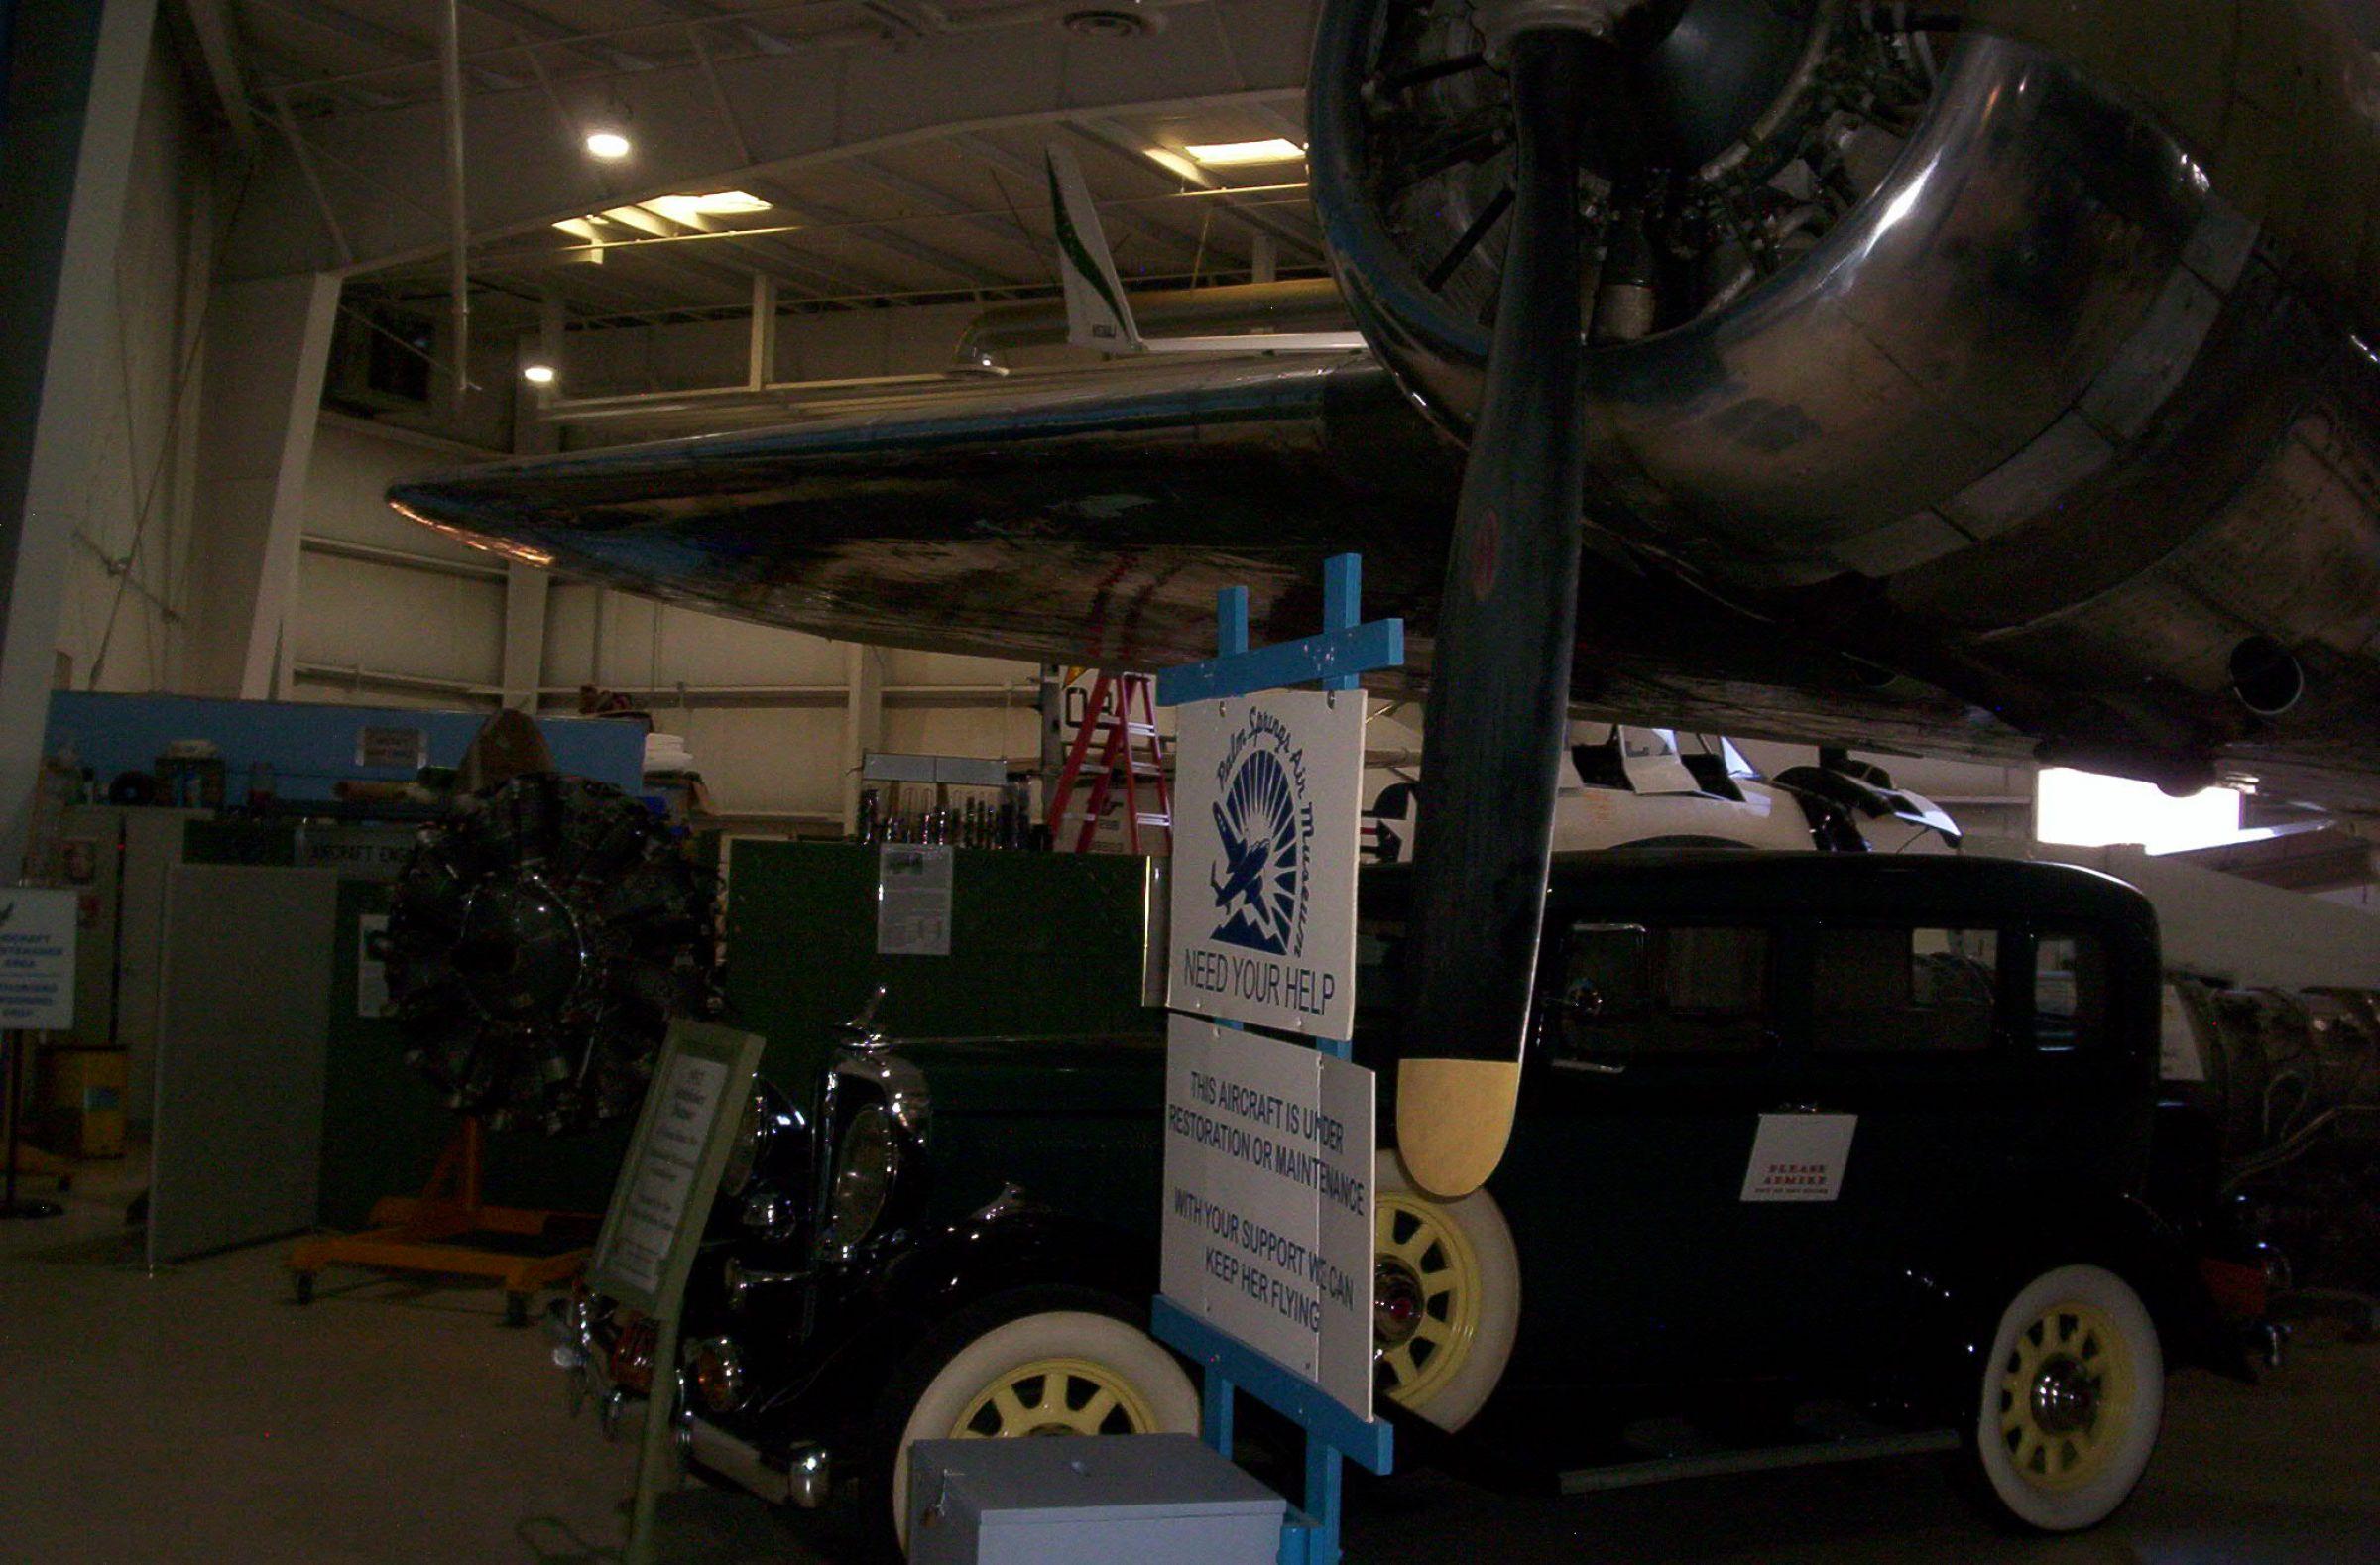 Airmuseum013.JPG